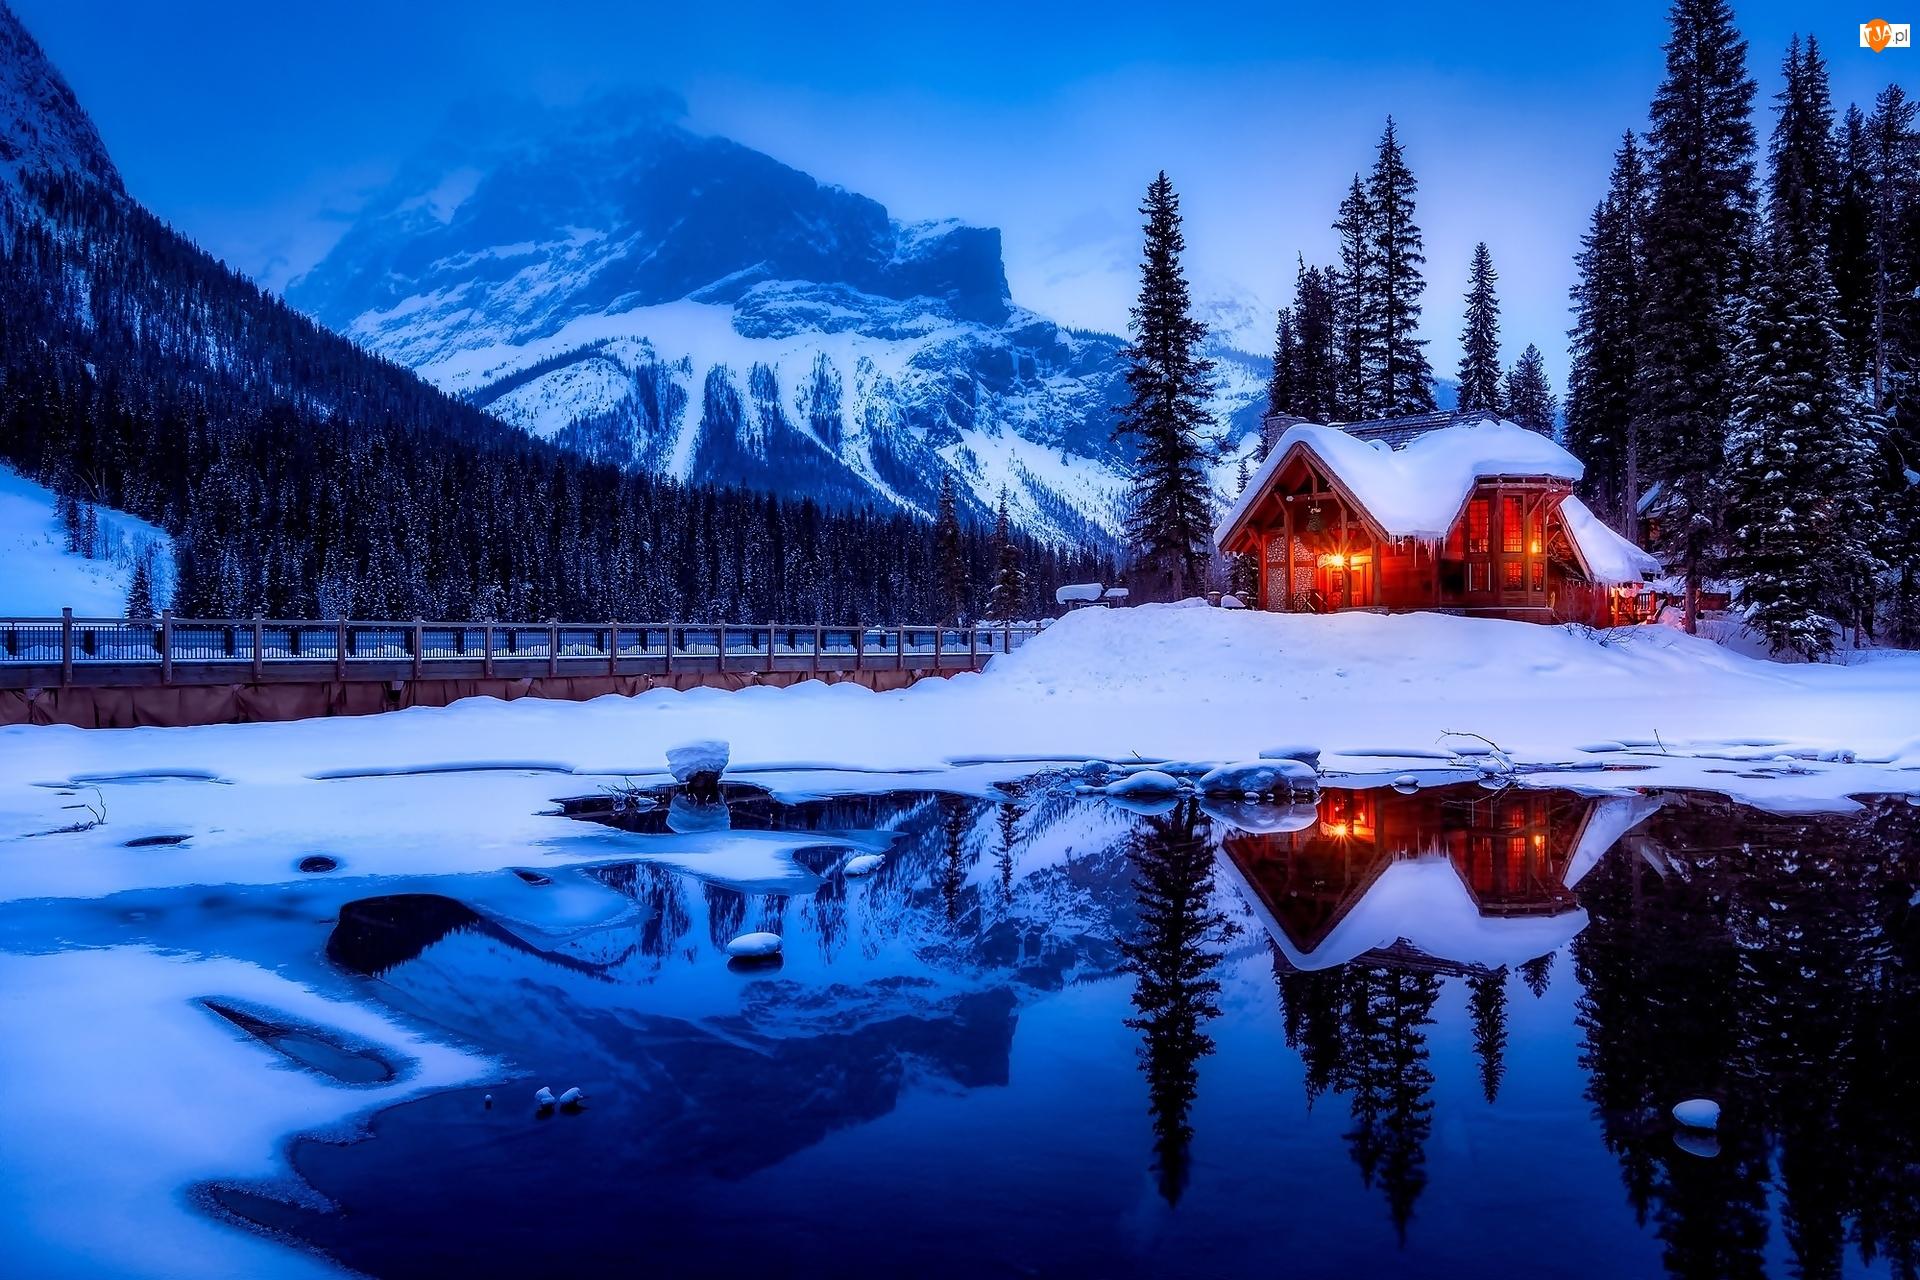 Las, Dom, Zima, Kolumbia Brytyjska, Jezioro Emerald Lake, Kanada, Góry, Park Narodowy Yoho, Most